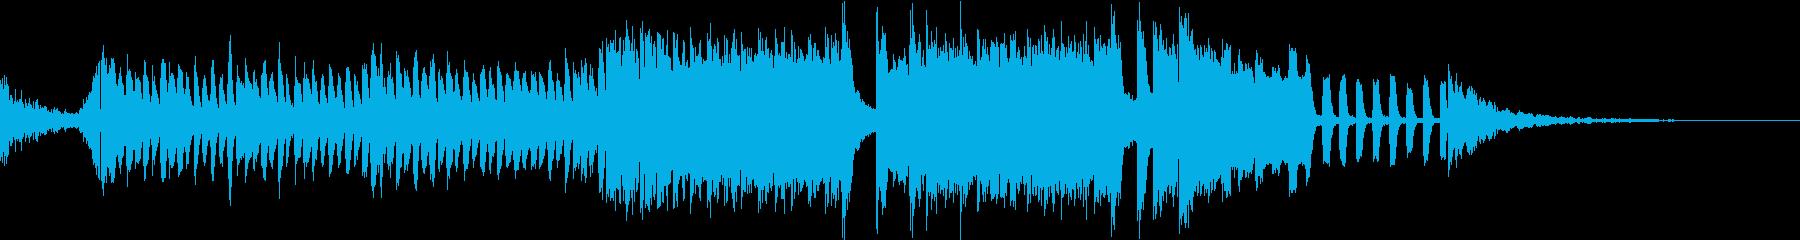 サイバーで未来感のあるパワフルなサウンドの再生済みの波形